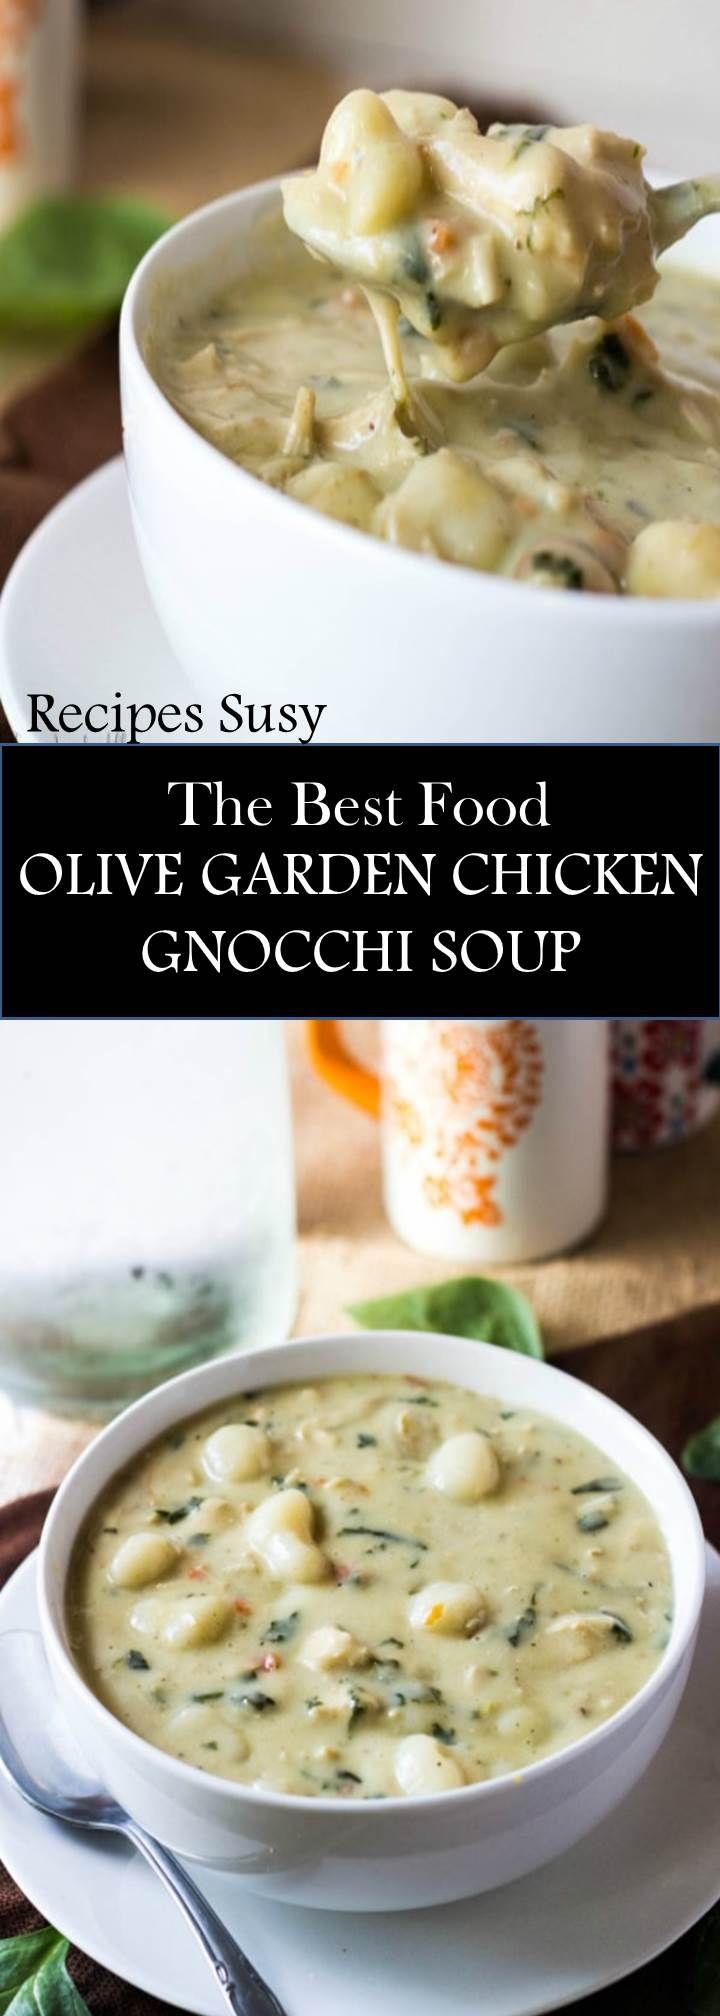 Recipe Susy==>OLIVE GARDEN Chicken gnocchi, Olive garden